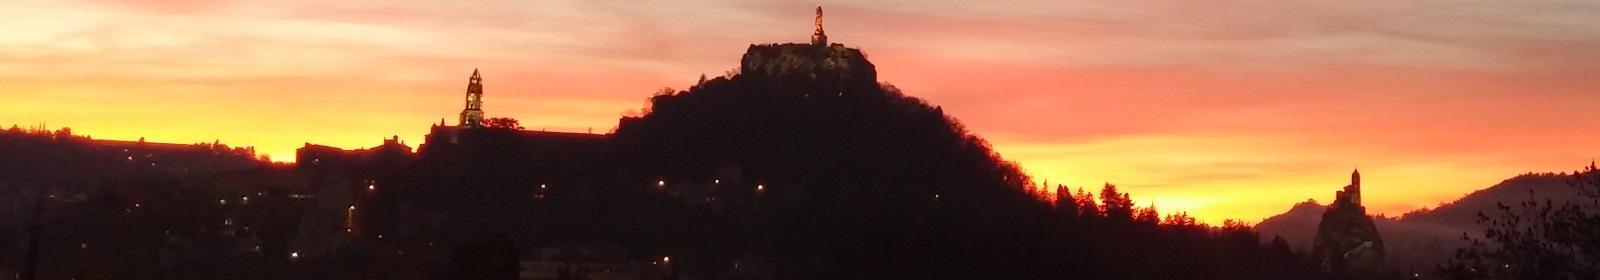 Soleil couchant sur le Puy